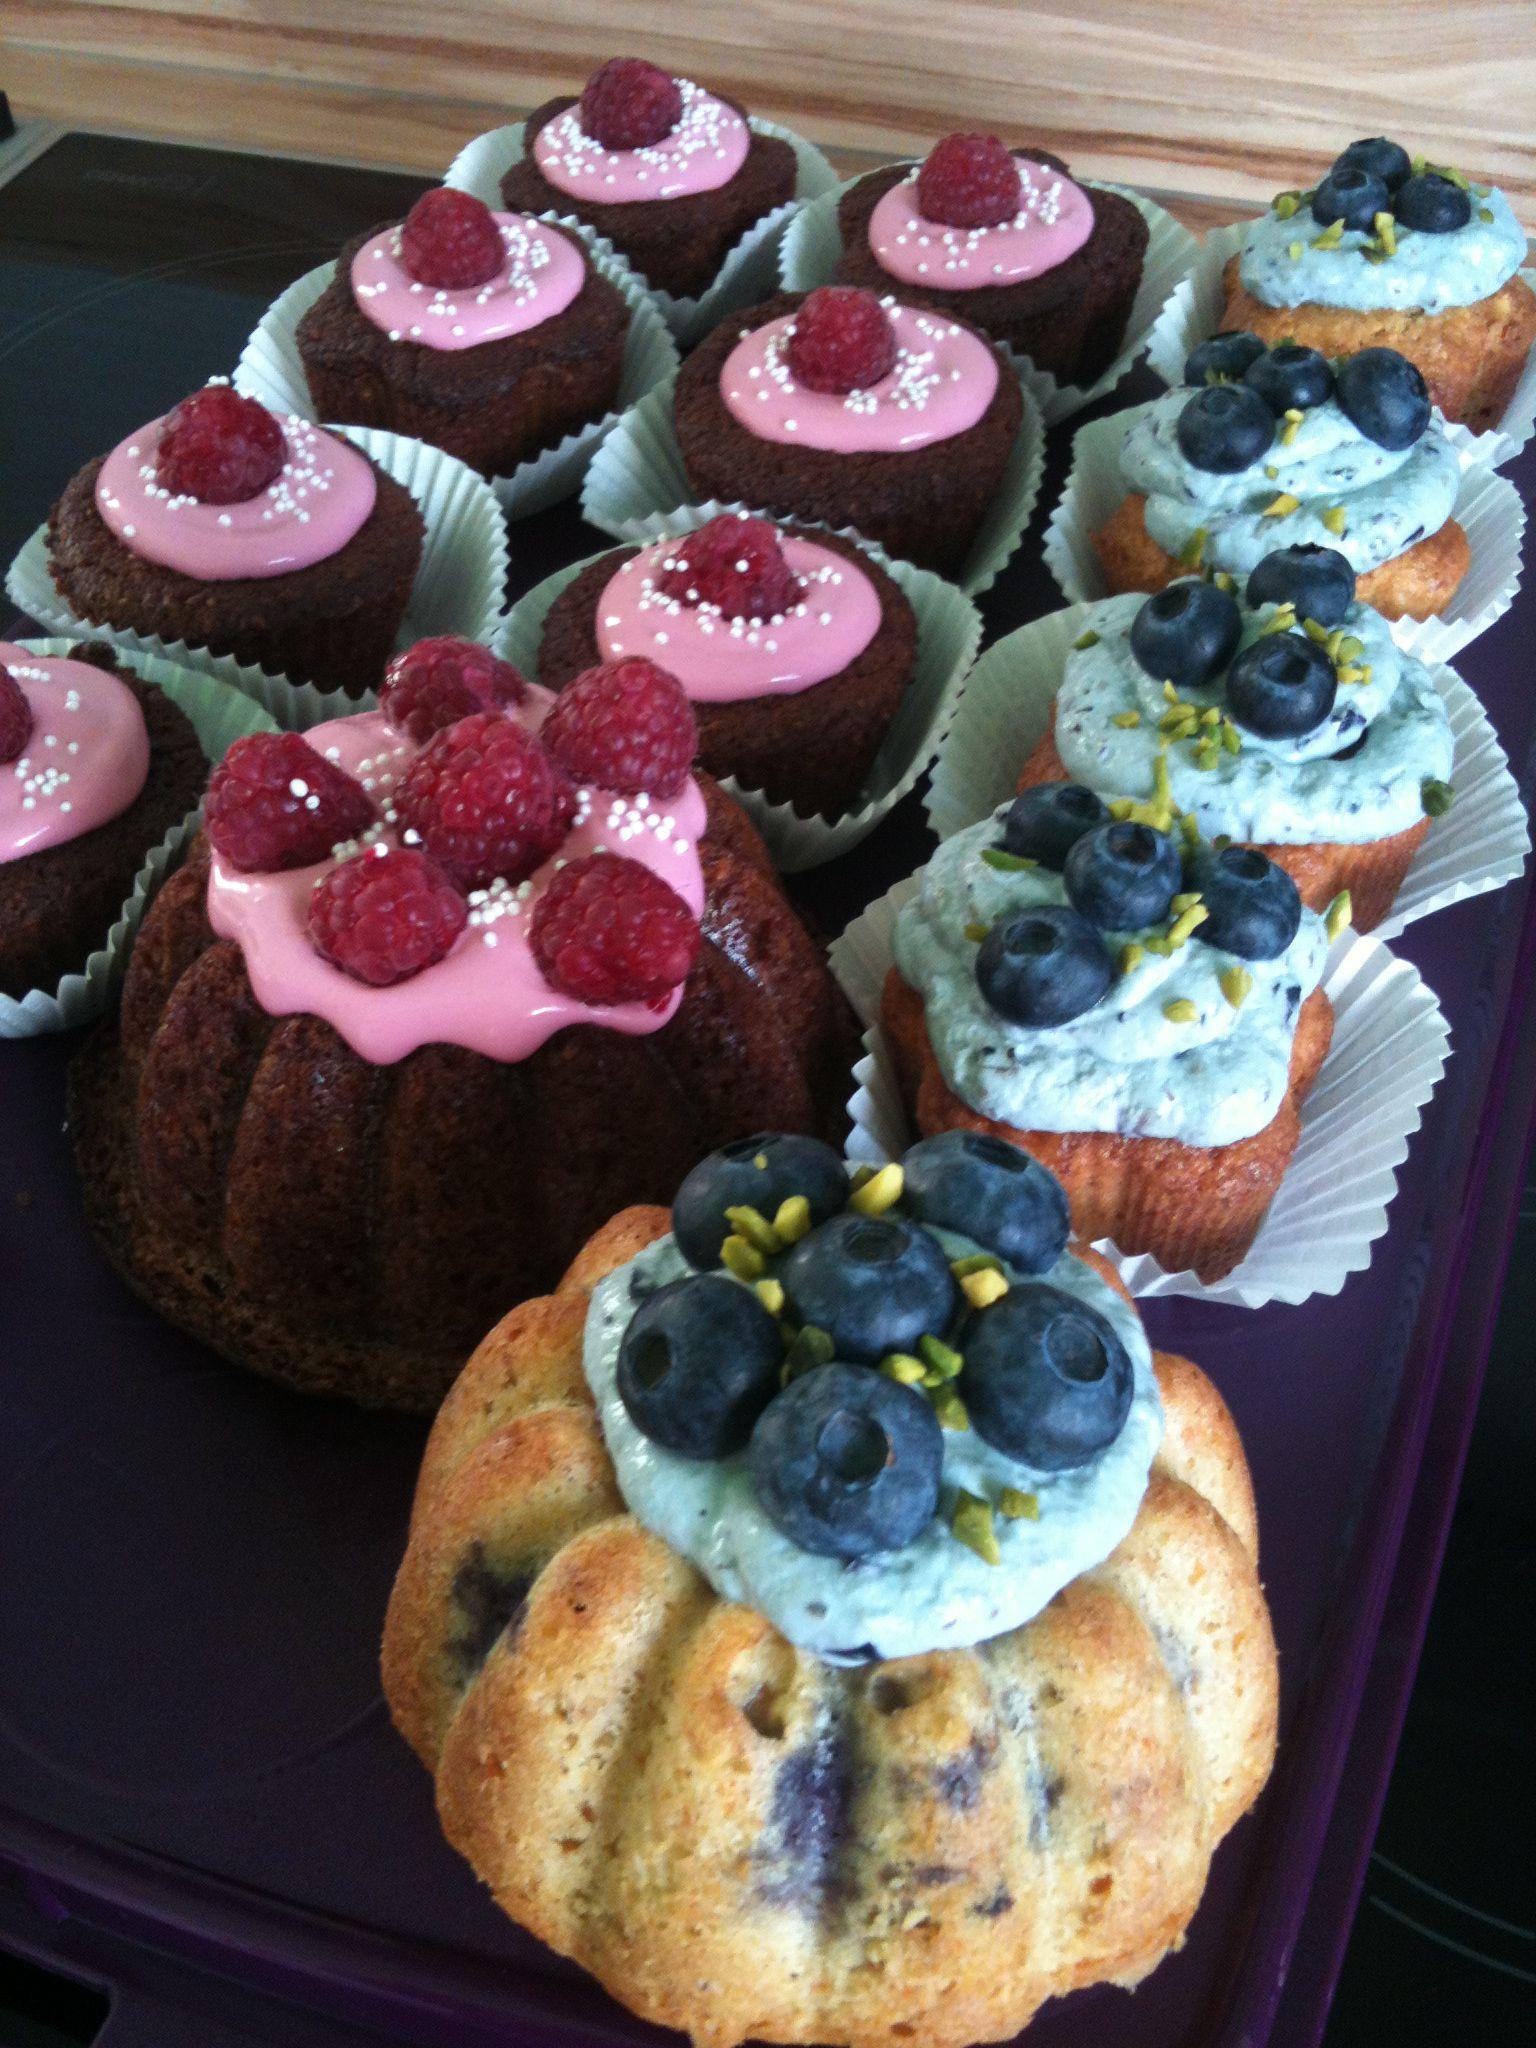 Blaubeere trifft Himbeere cupcakes und mini törtchen